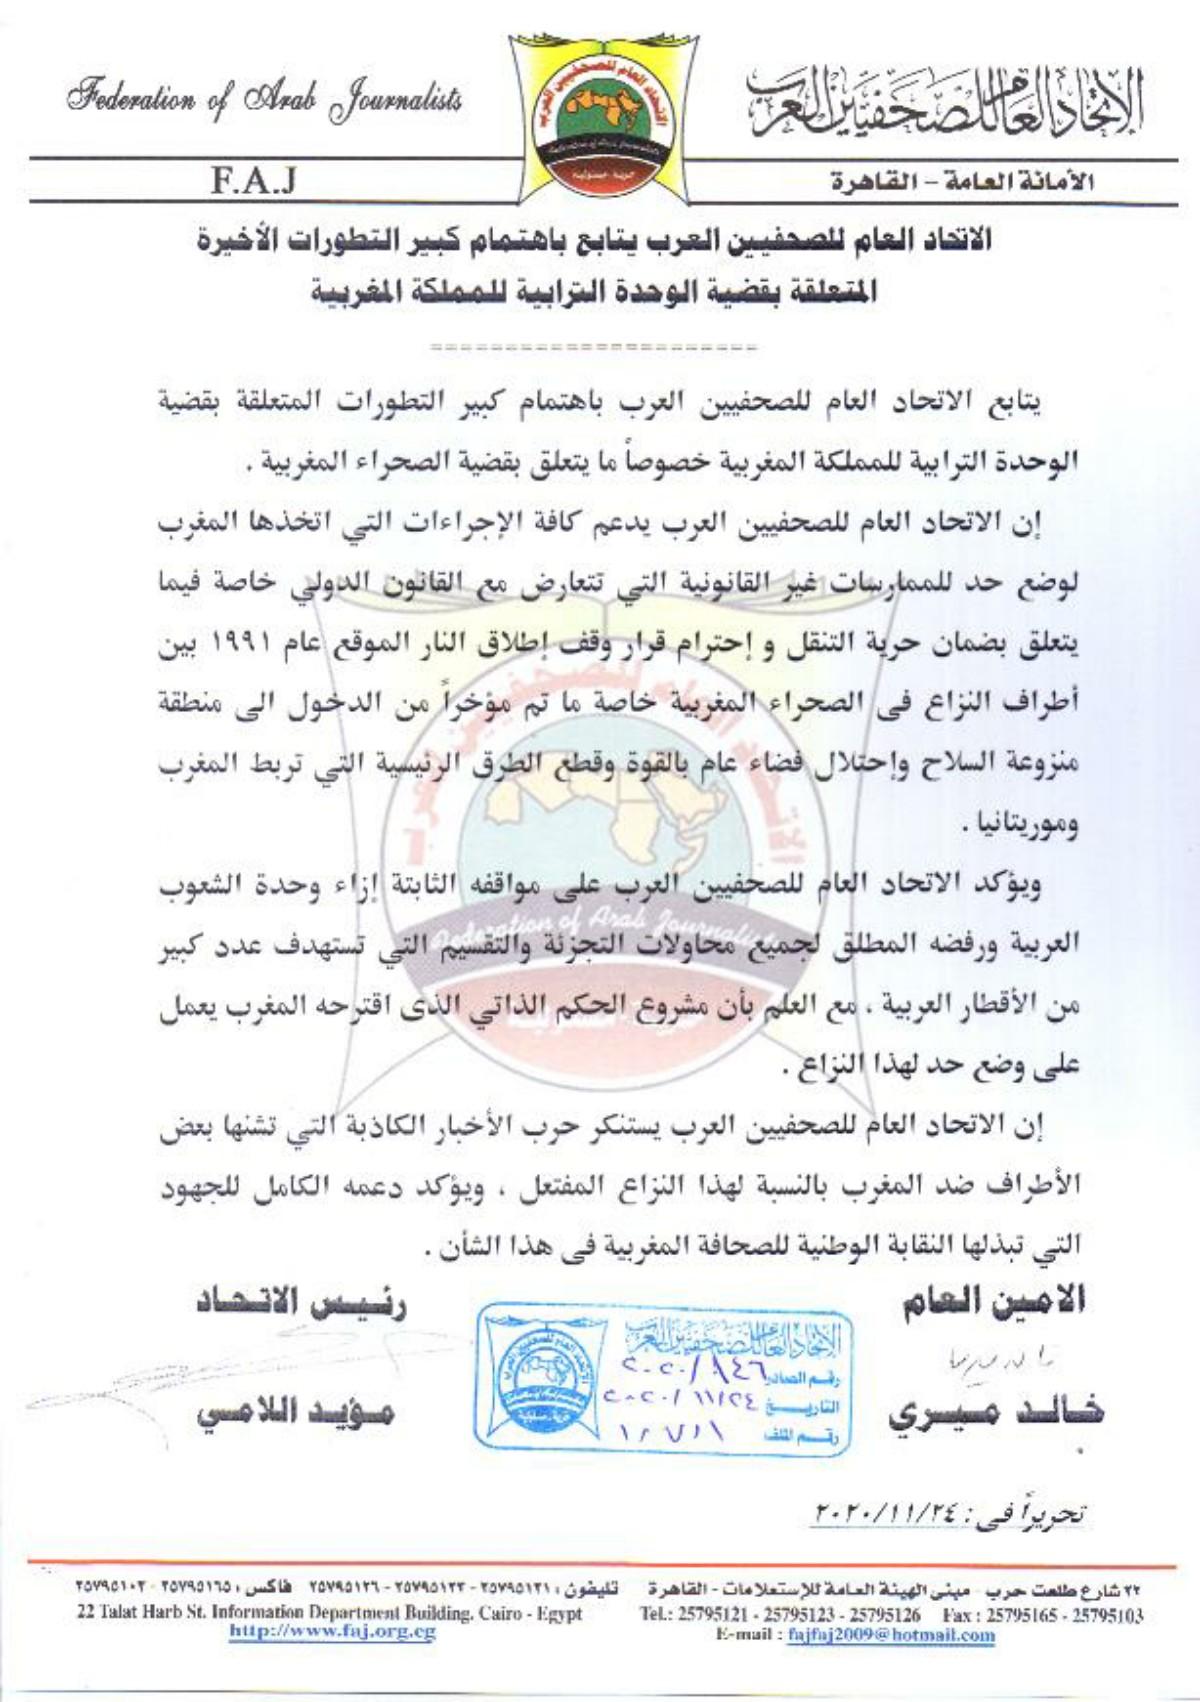 الاتحاد العام للصحفيين العرب يدعم المغرب في قضيته الوطنية